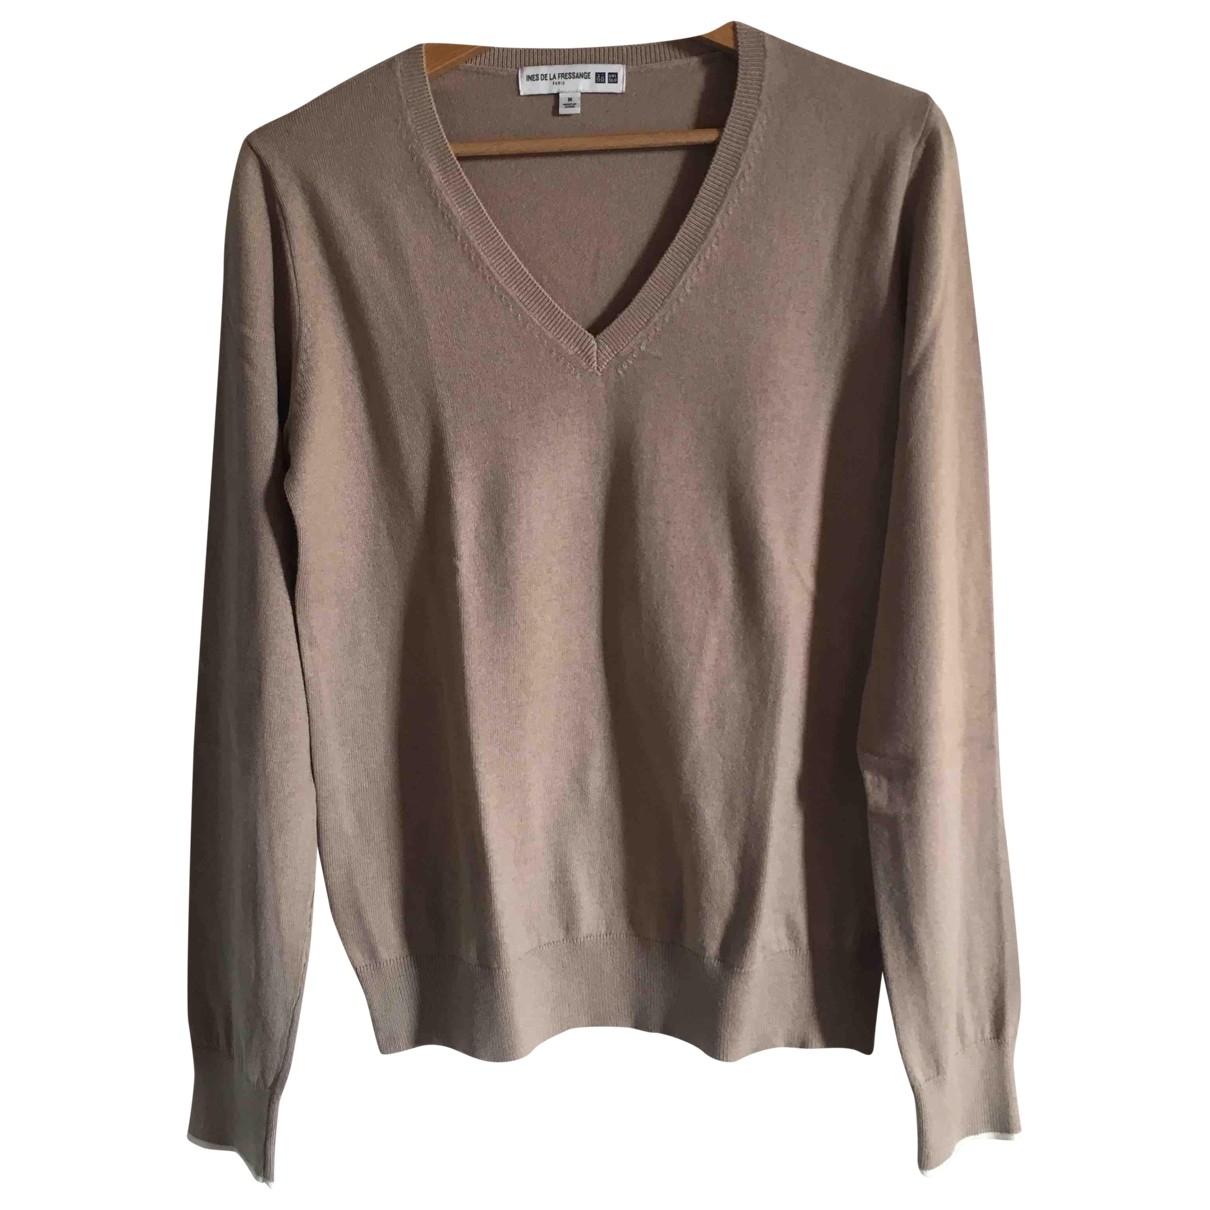 Uniqlo \N Beige Cotton Knitwear for Women M International